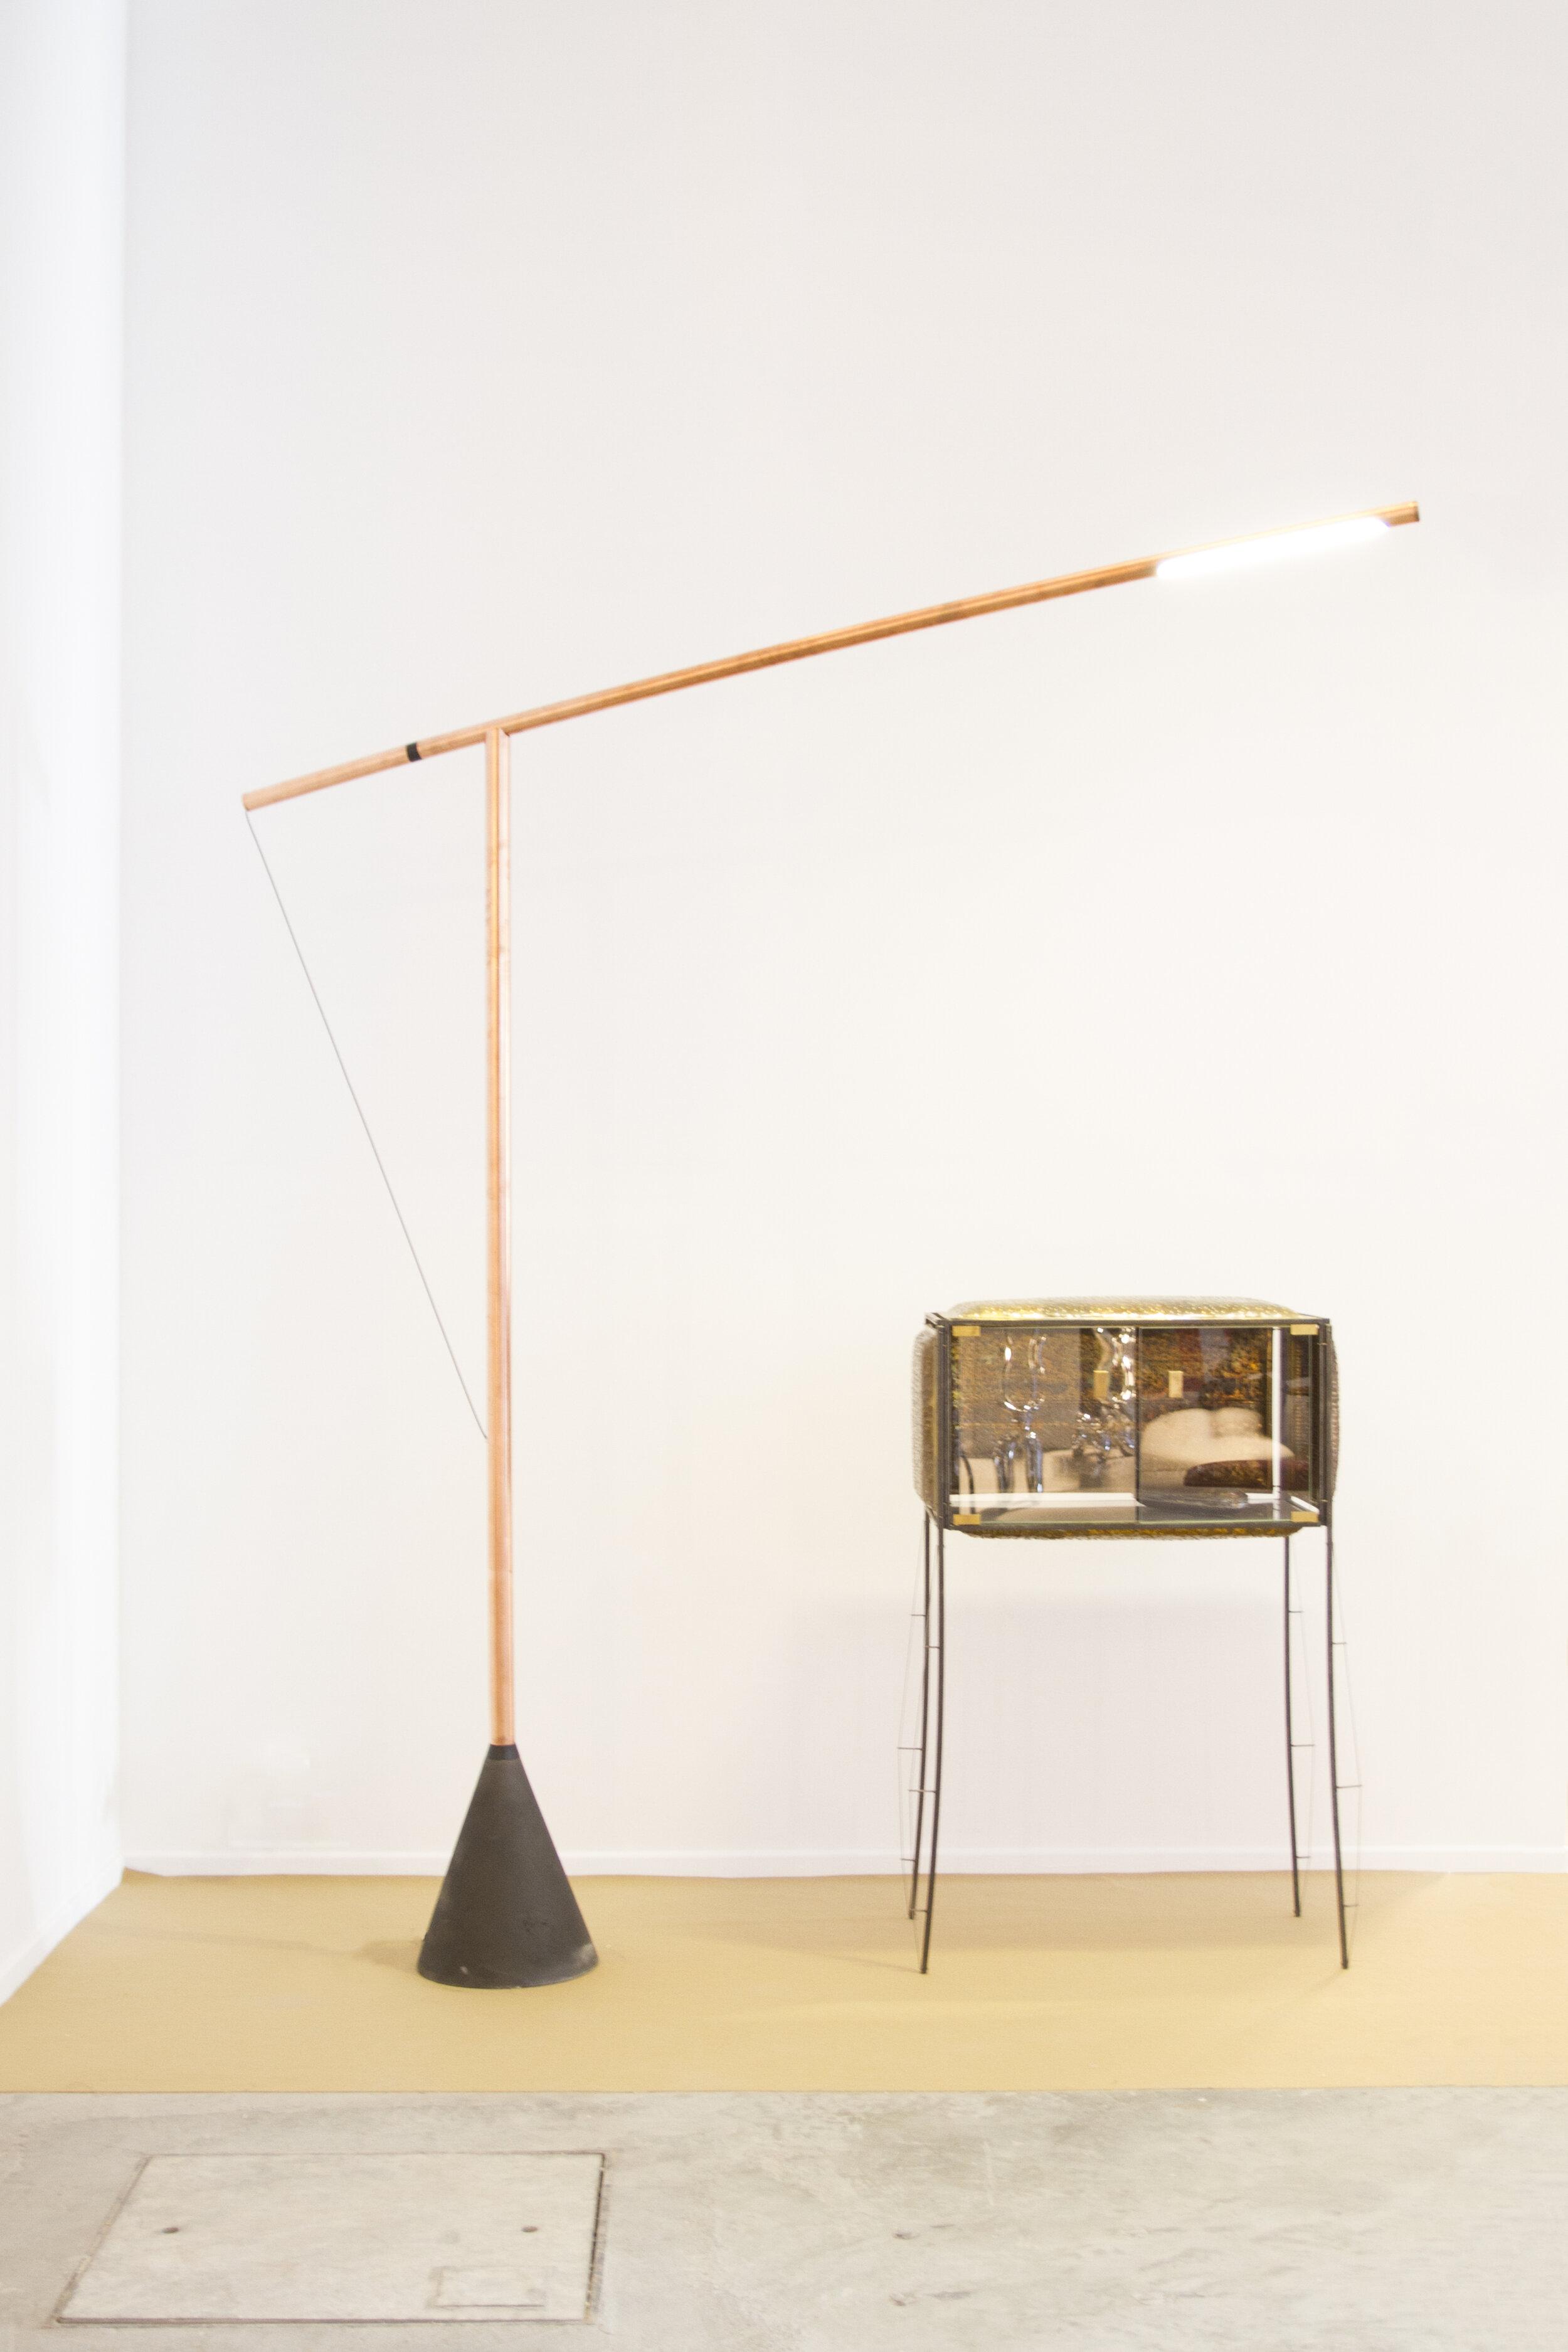 Light by Studio Mieke Meijer / Cupboard by Niek van der Heijden